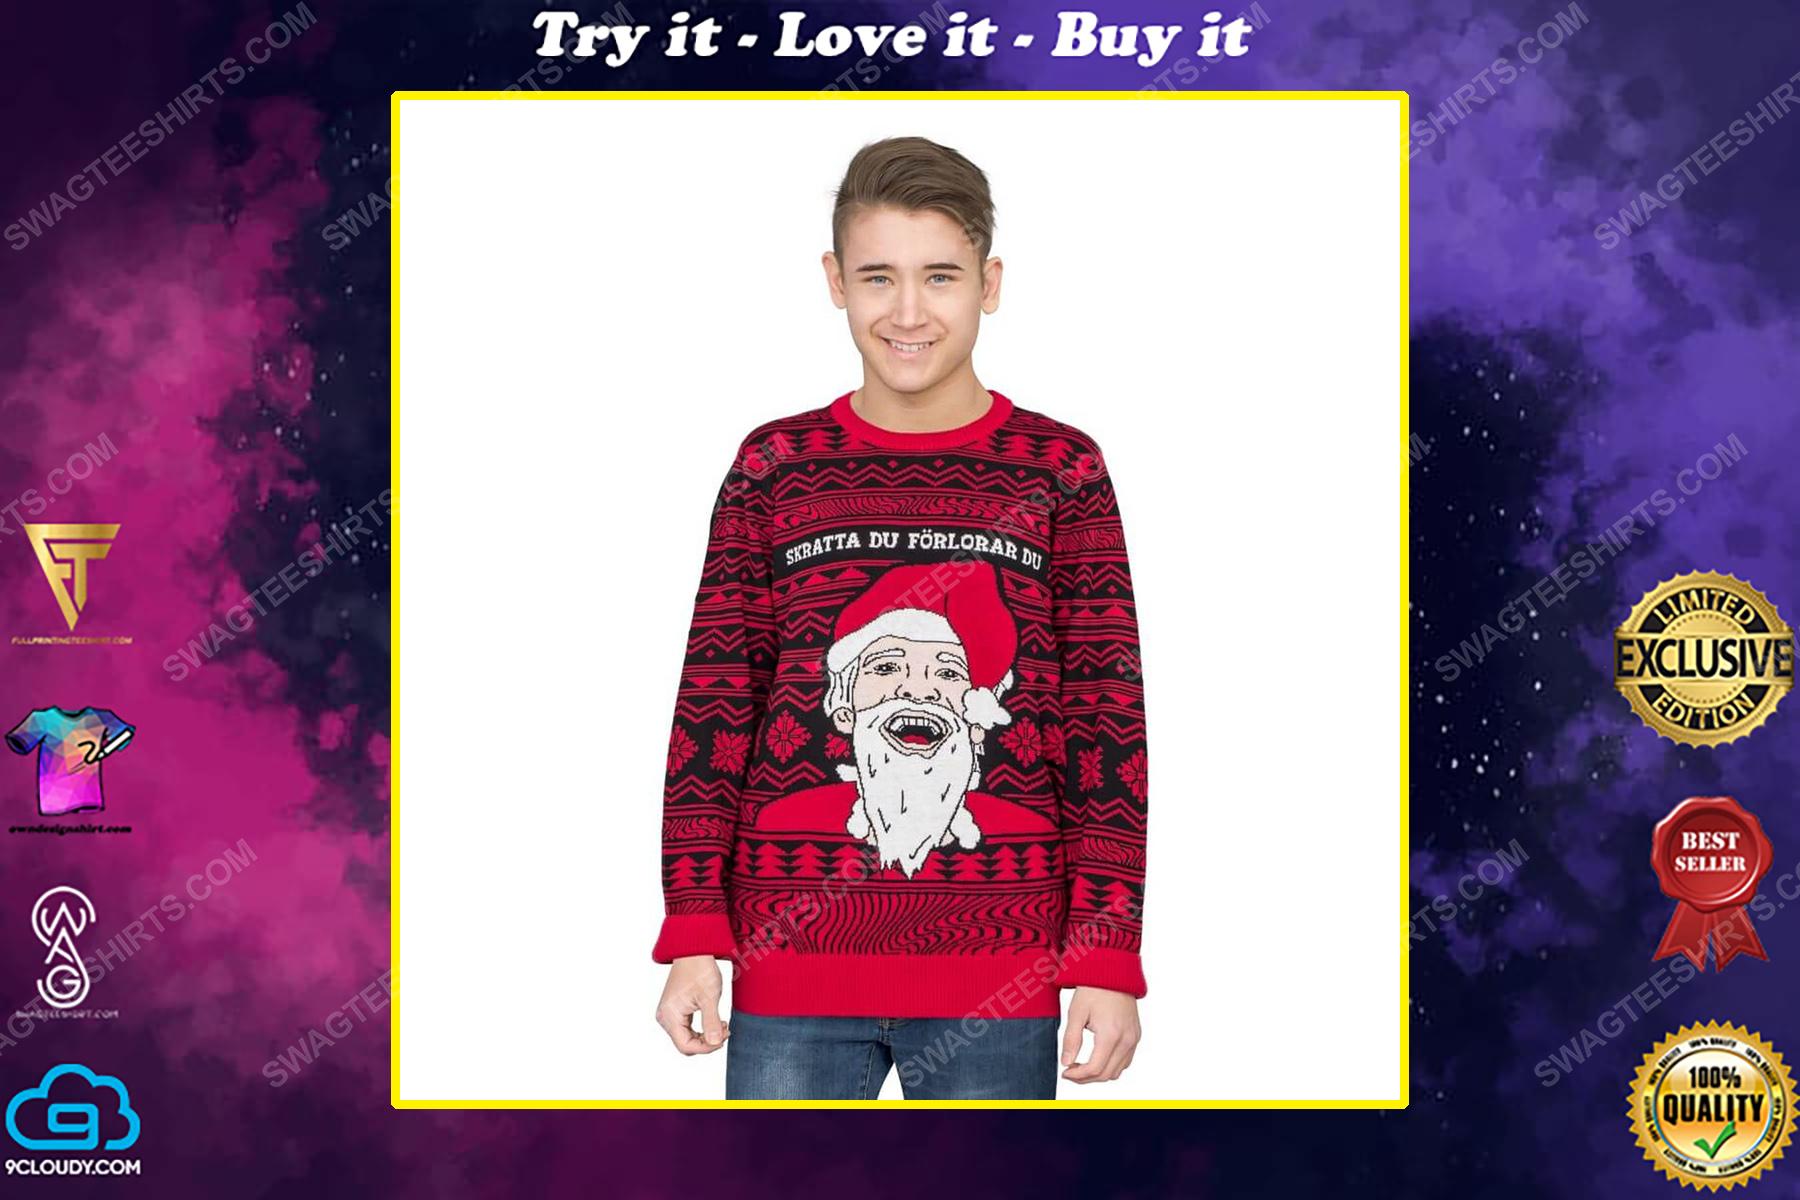 Pewdiepie skrattar du forlorar du ugly christmas sweater